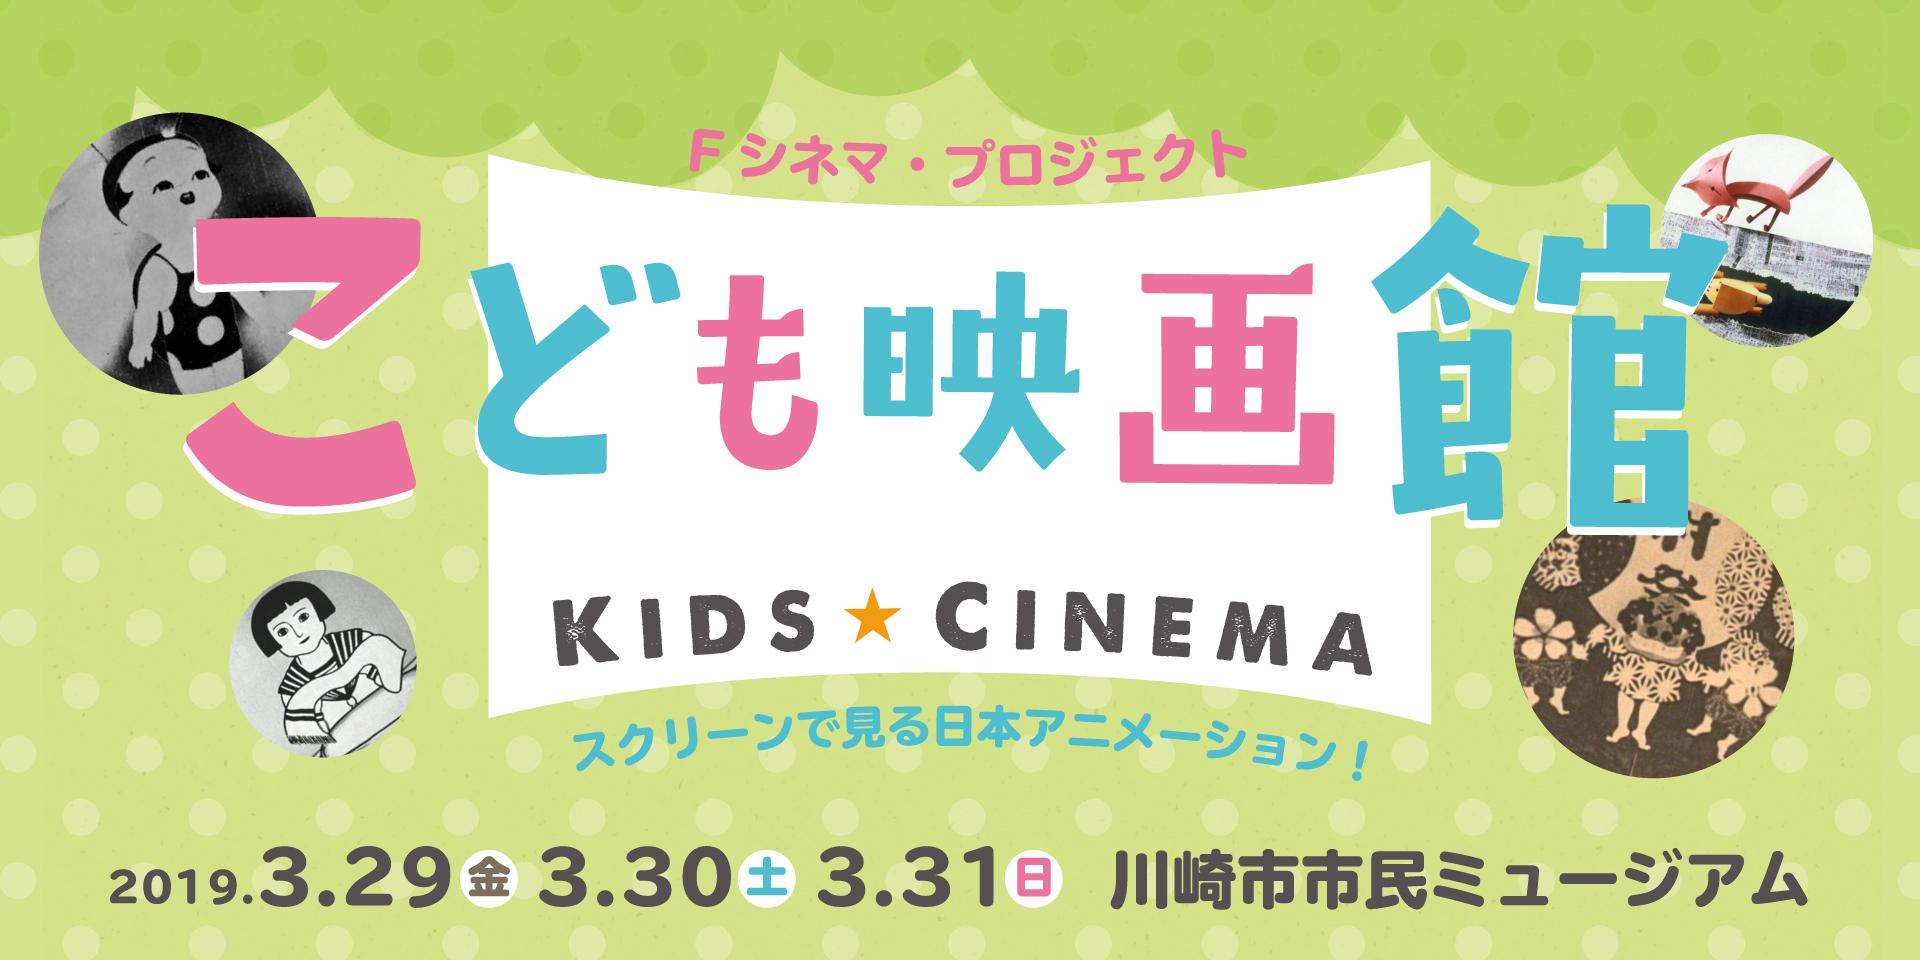 こども映画館「スクリーンで見る日本アニメーション!」~Fシネマプロジェクト~関連ワークショップ